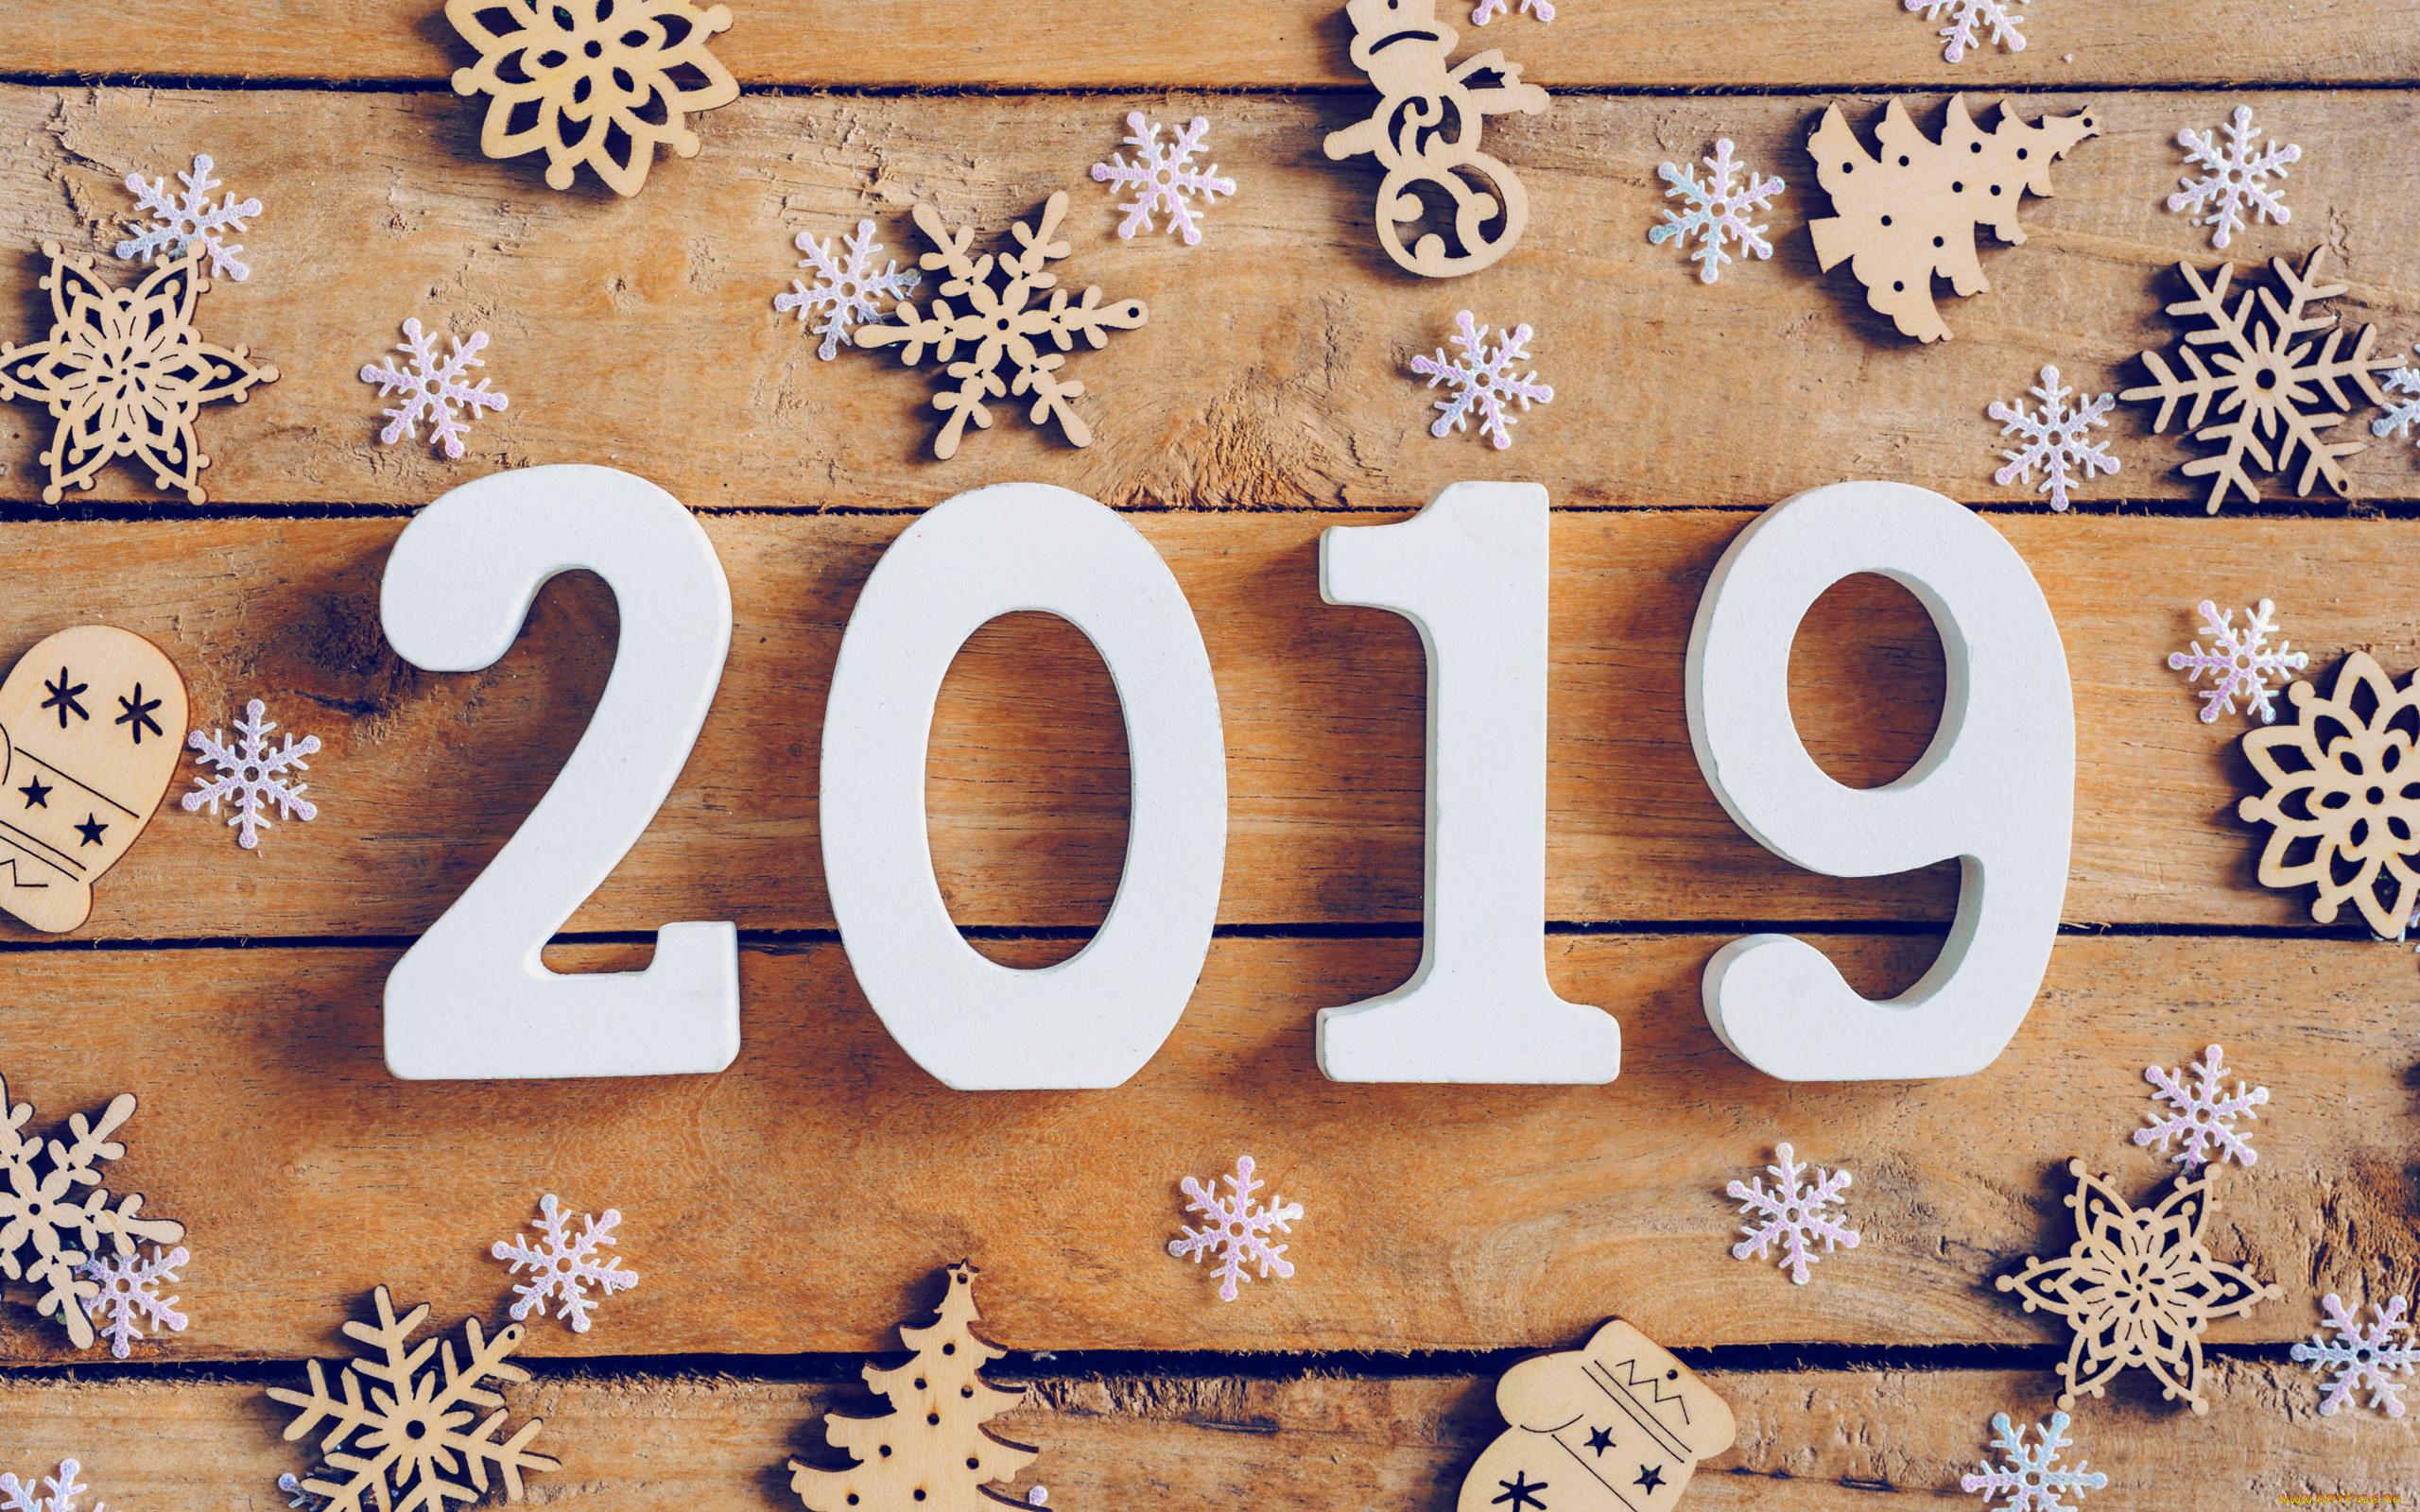 Картинки с надписью 2019 год, уткой